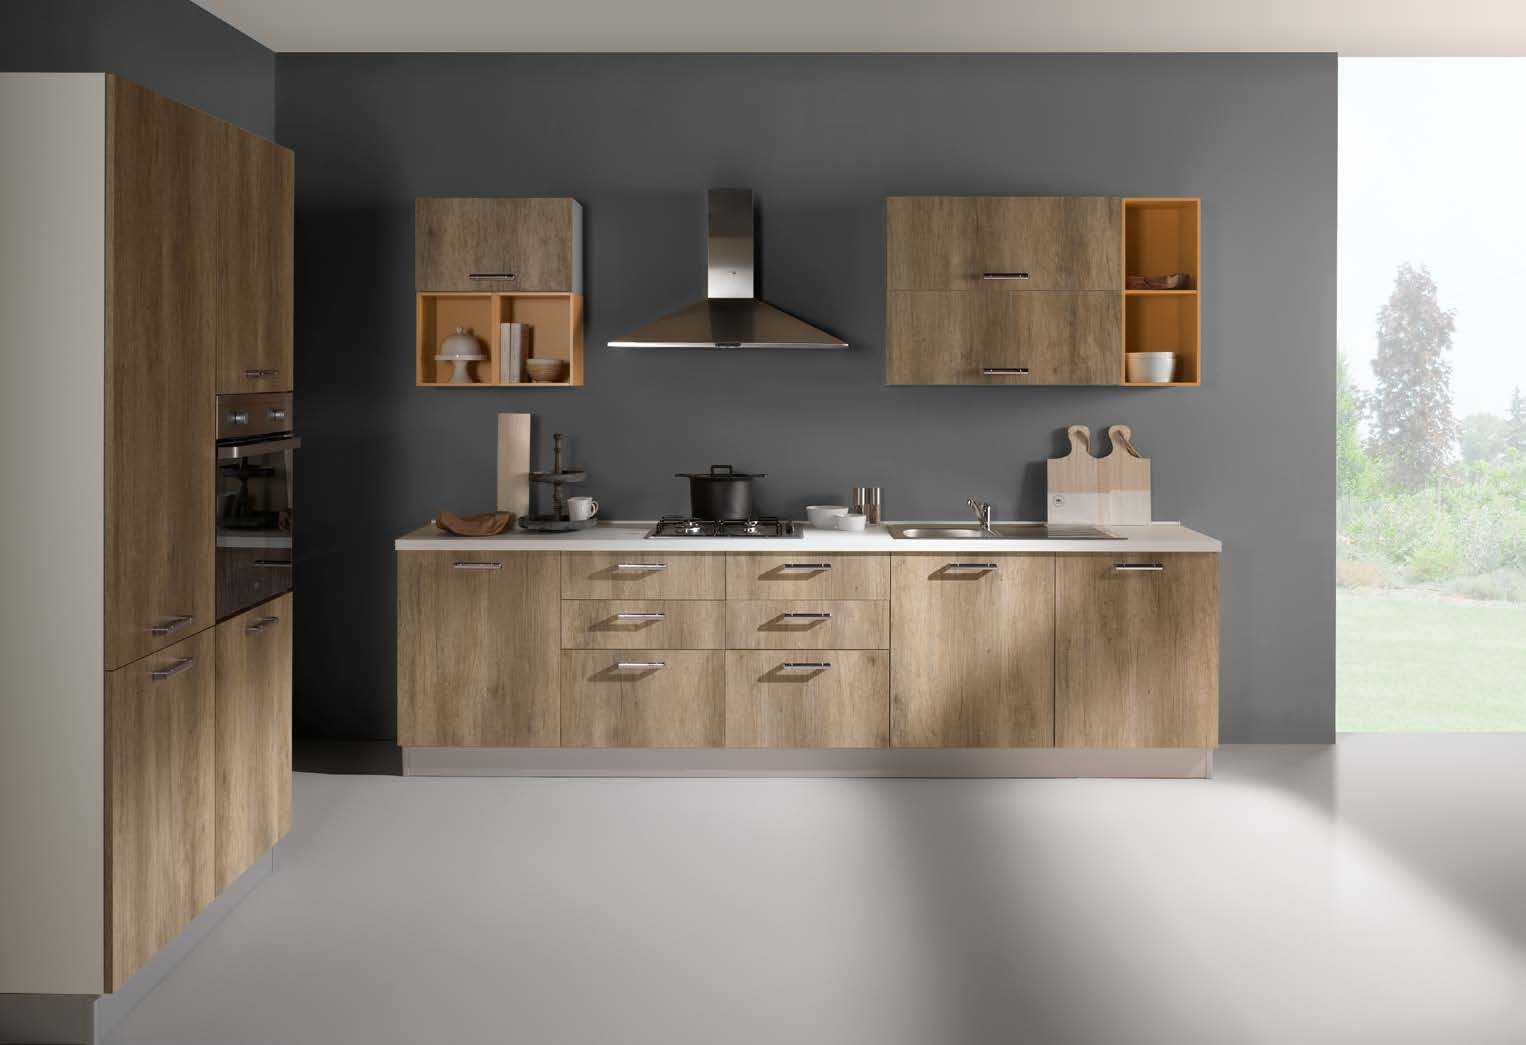 Netcucine Cucina In Stile Moderno Con Elettrodomestici Inclusi Cod 19 Spedizione Gratuita